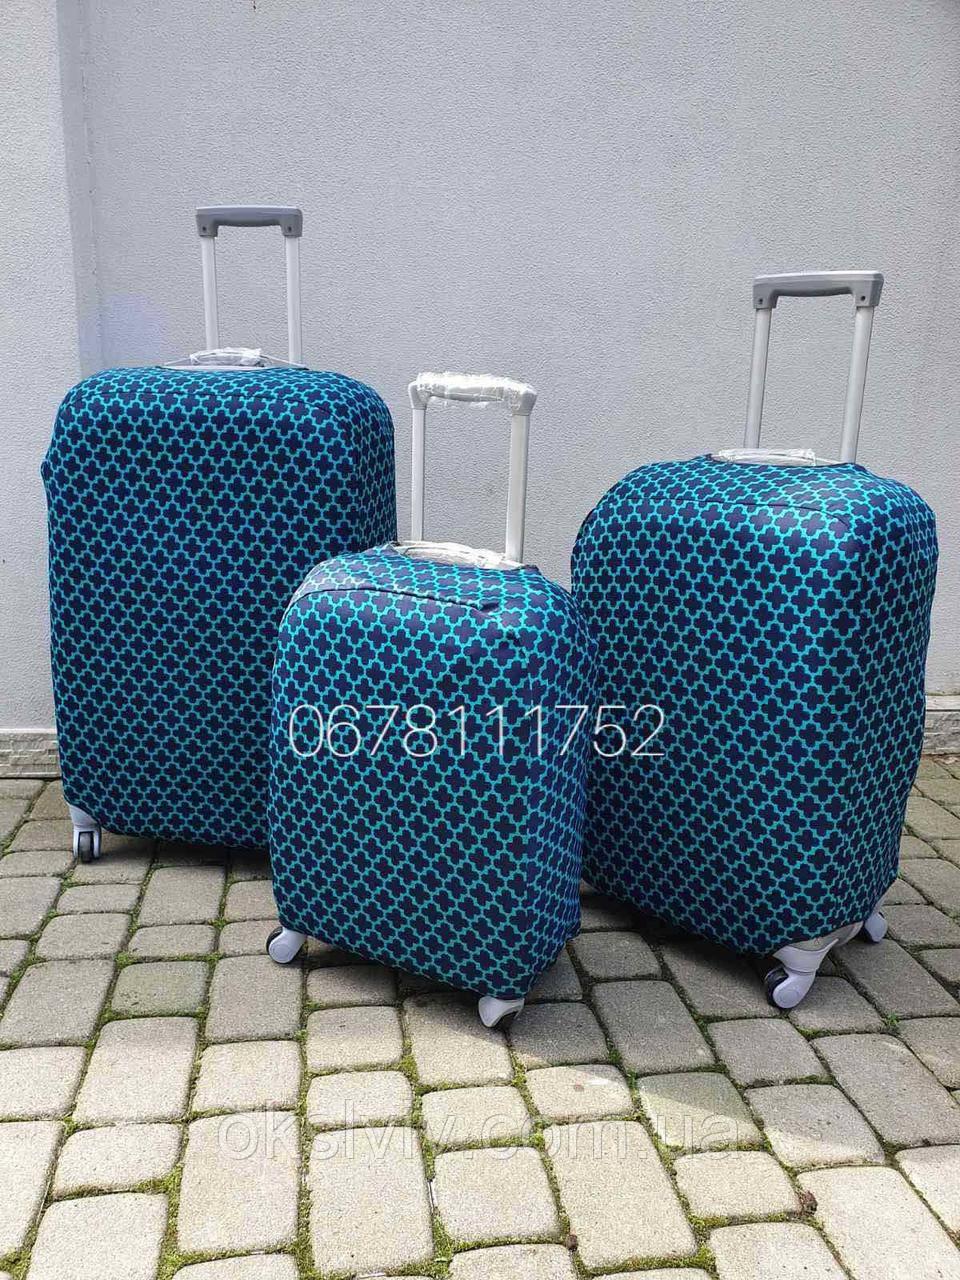 ЧОХЛИ чохли на валізи валізи МІКРОДАЙВІНГ УКРАЇНА